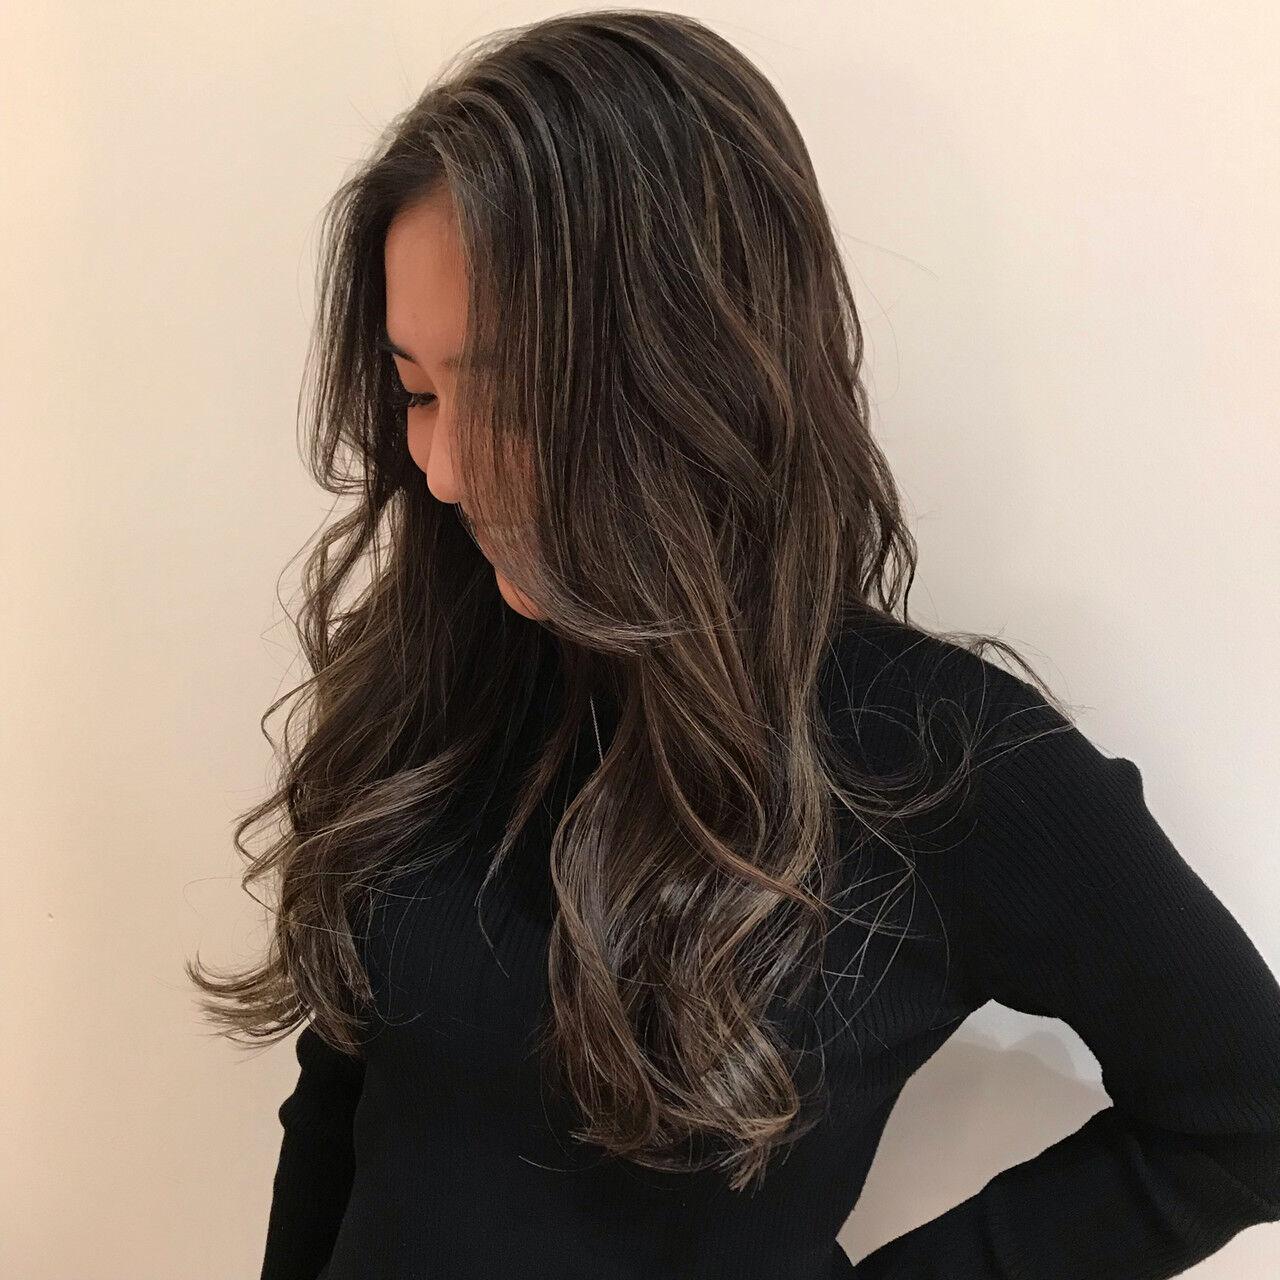 ヘアカラー 地毛ハイライト 黒髪 ロングヘアスタイルや髪型の写真・画像